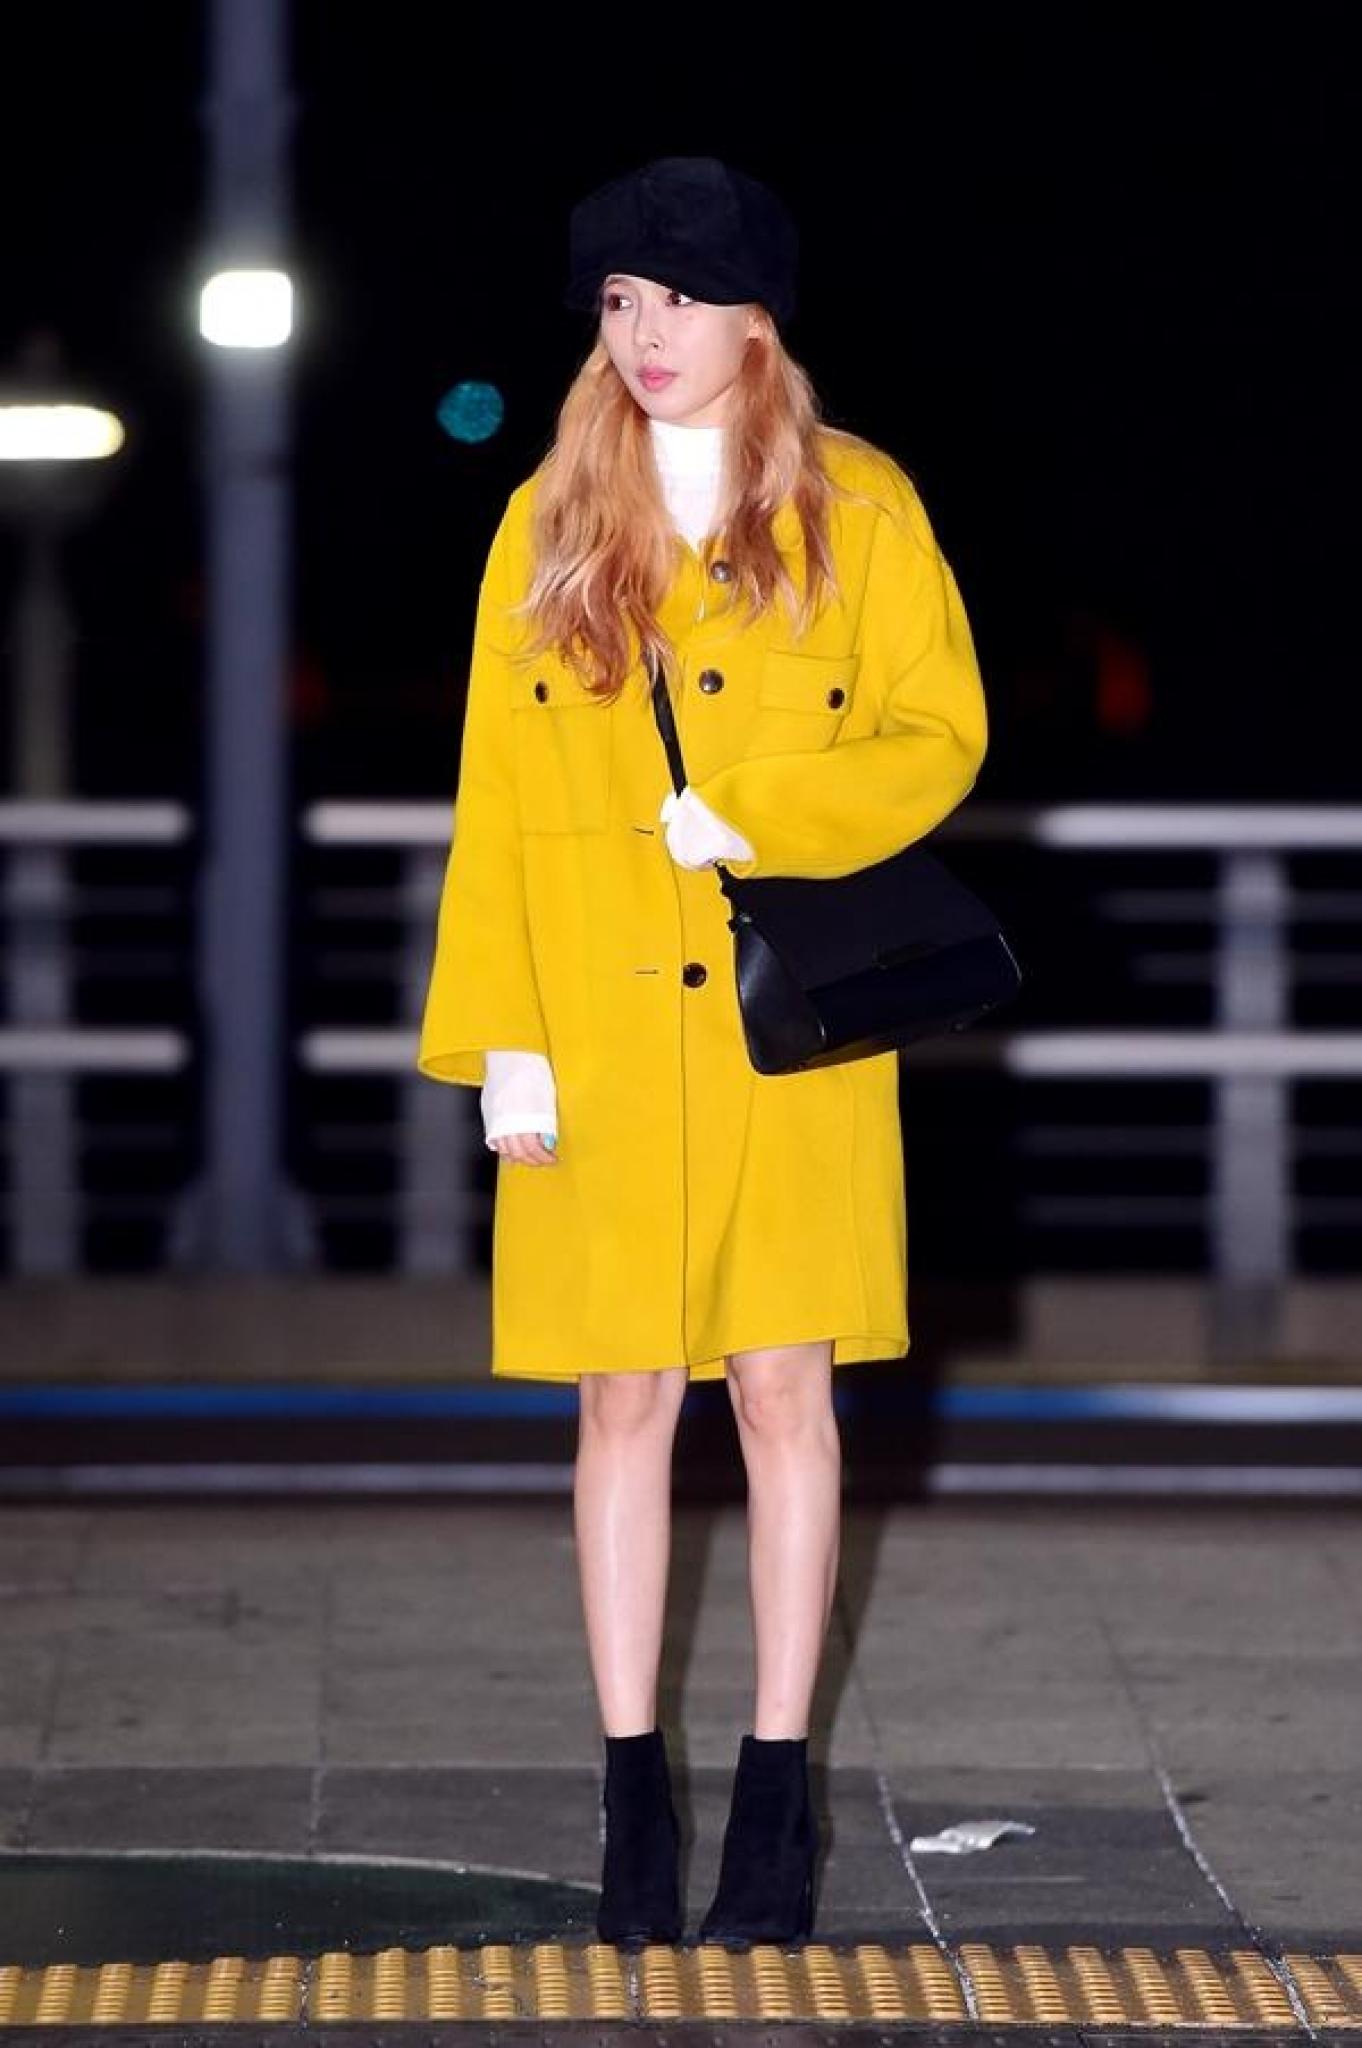 hyuna-yellow-coat